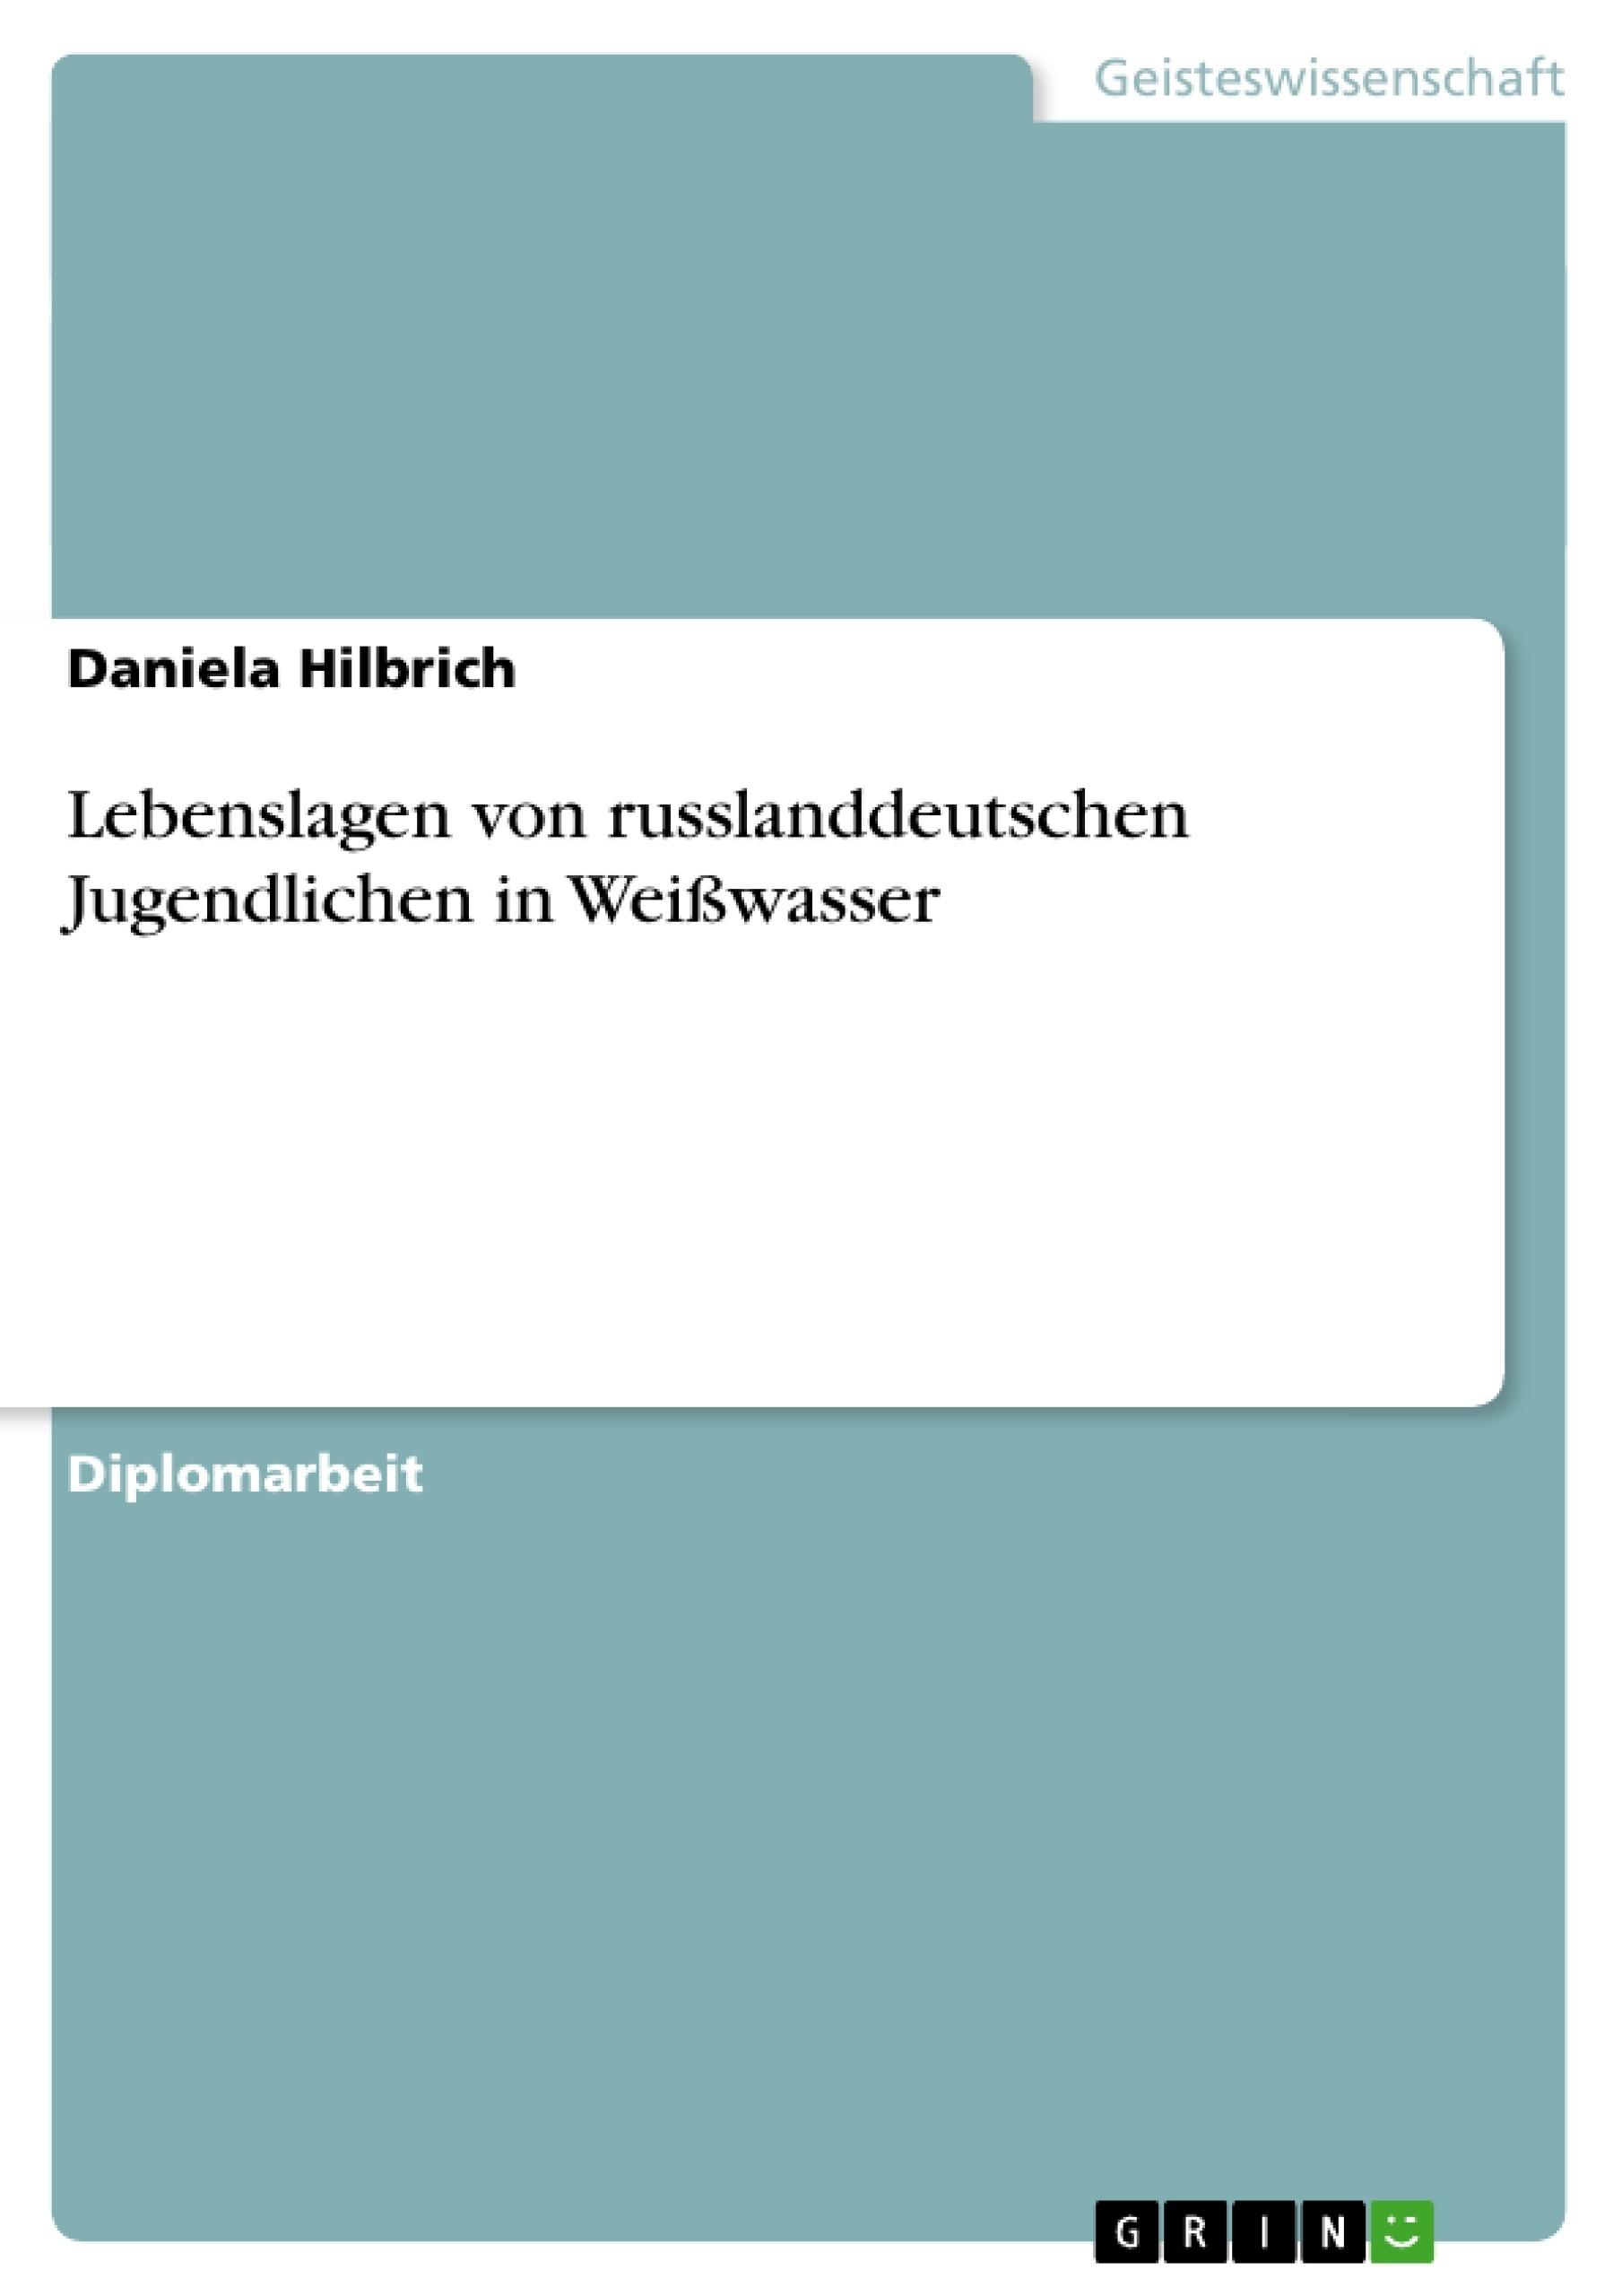 Titel: Lebenslagen von russlanddeutschen Jugendlichen in Weißwasser